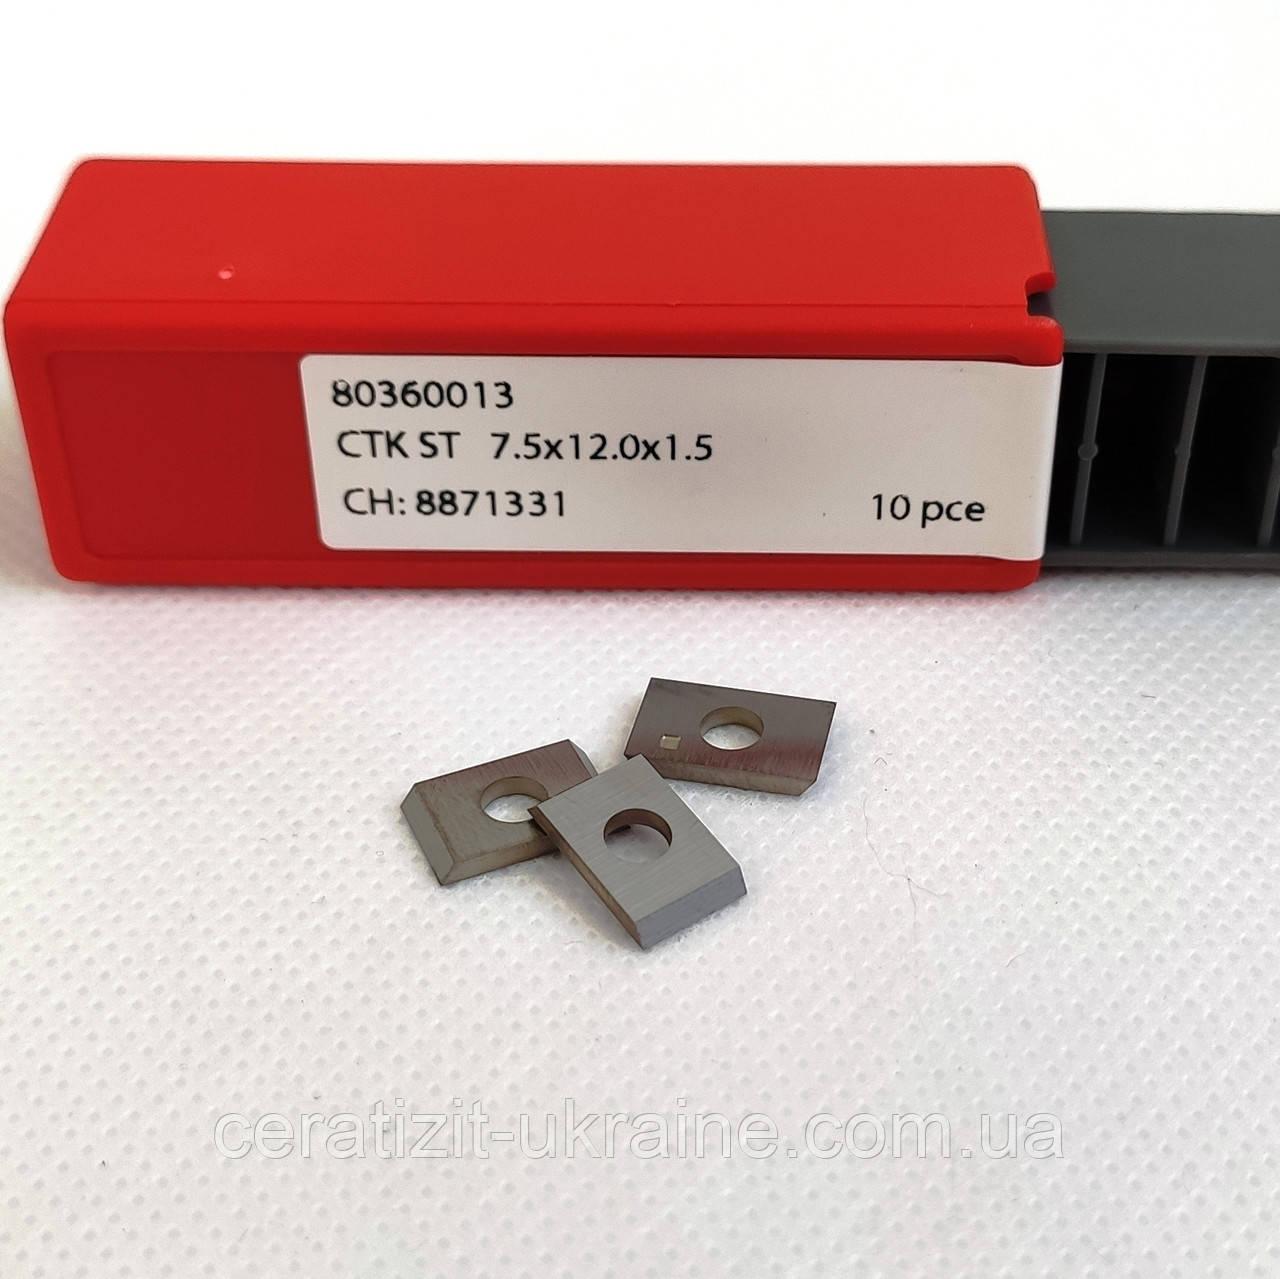 Ніж змінний тв/спл HW   7,5х12,0х1,5 KCR08 Ceratizit (Люксембург)